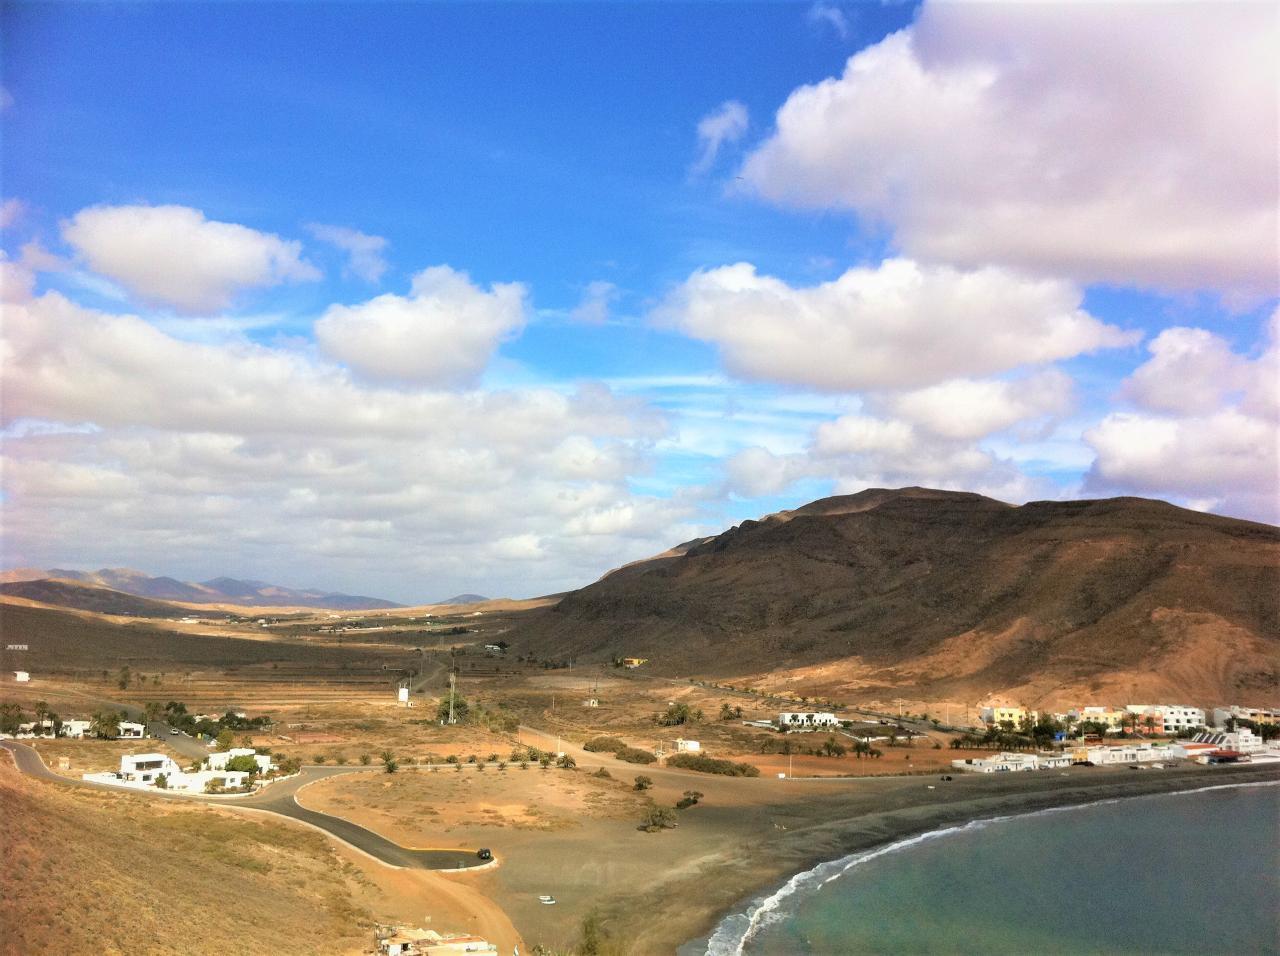 Ferienhaus Exklusive Villa in Strandnähe (642541), Giniginamar, Fuerteventura, Kanarische Inseln, Spanien, Bild 82